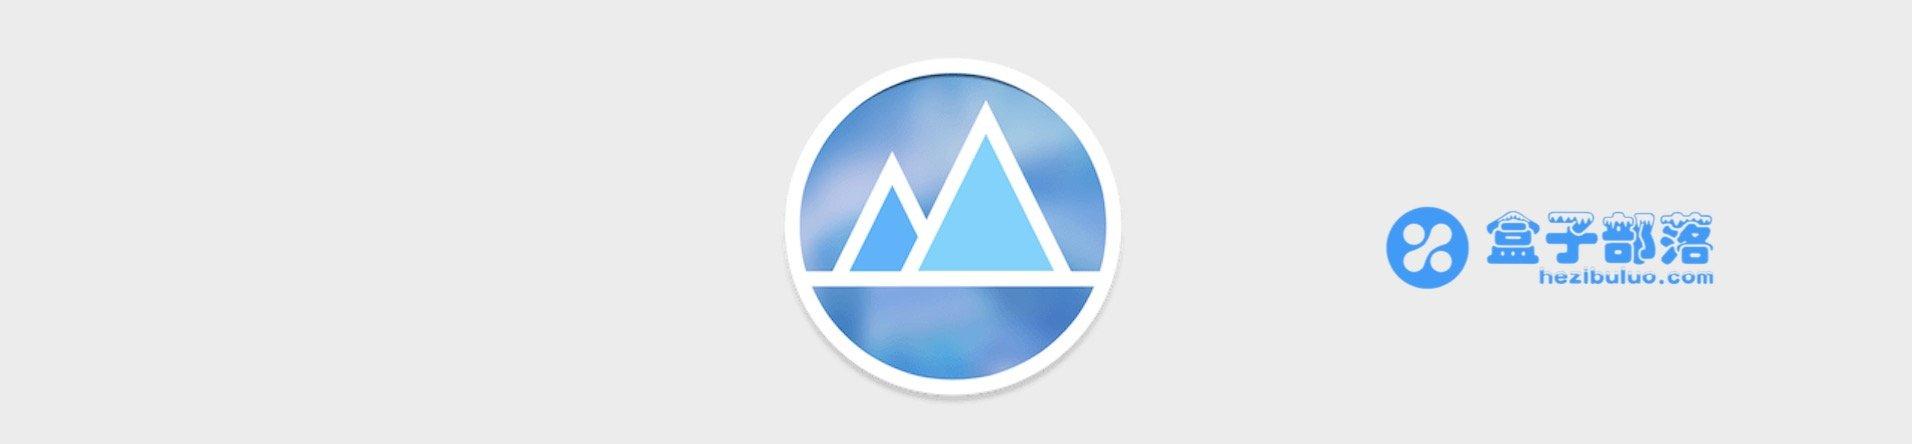 App Cleaner & Uninstaller Pro 6.3 极其好用的系统软件卸载工具